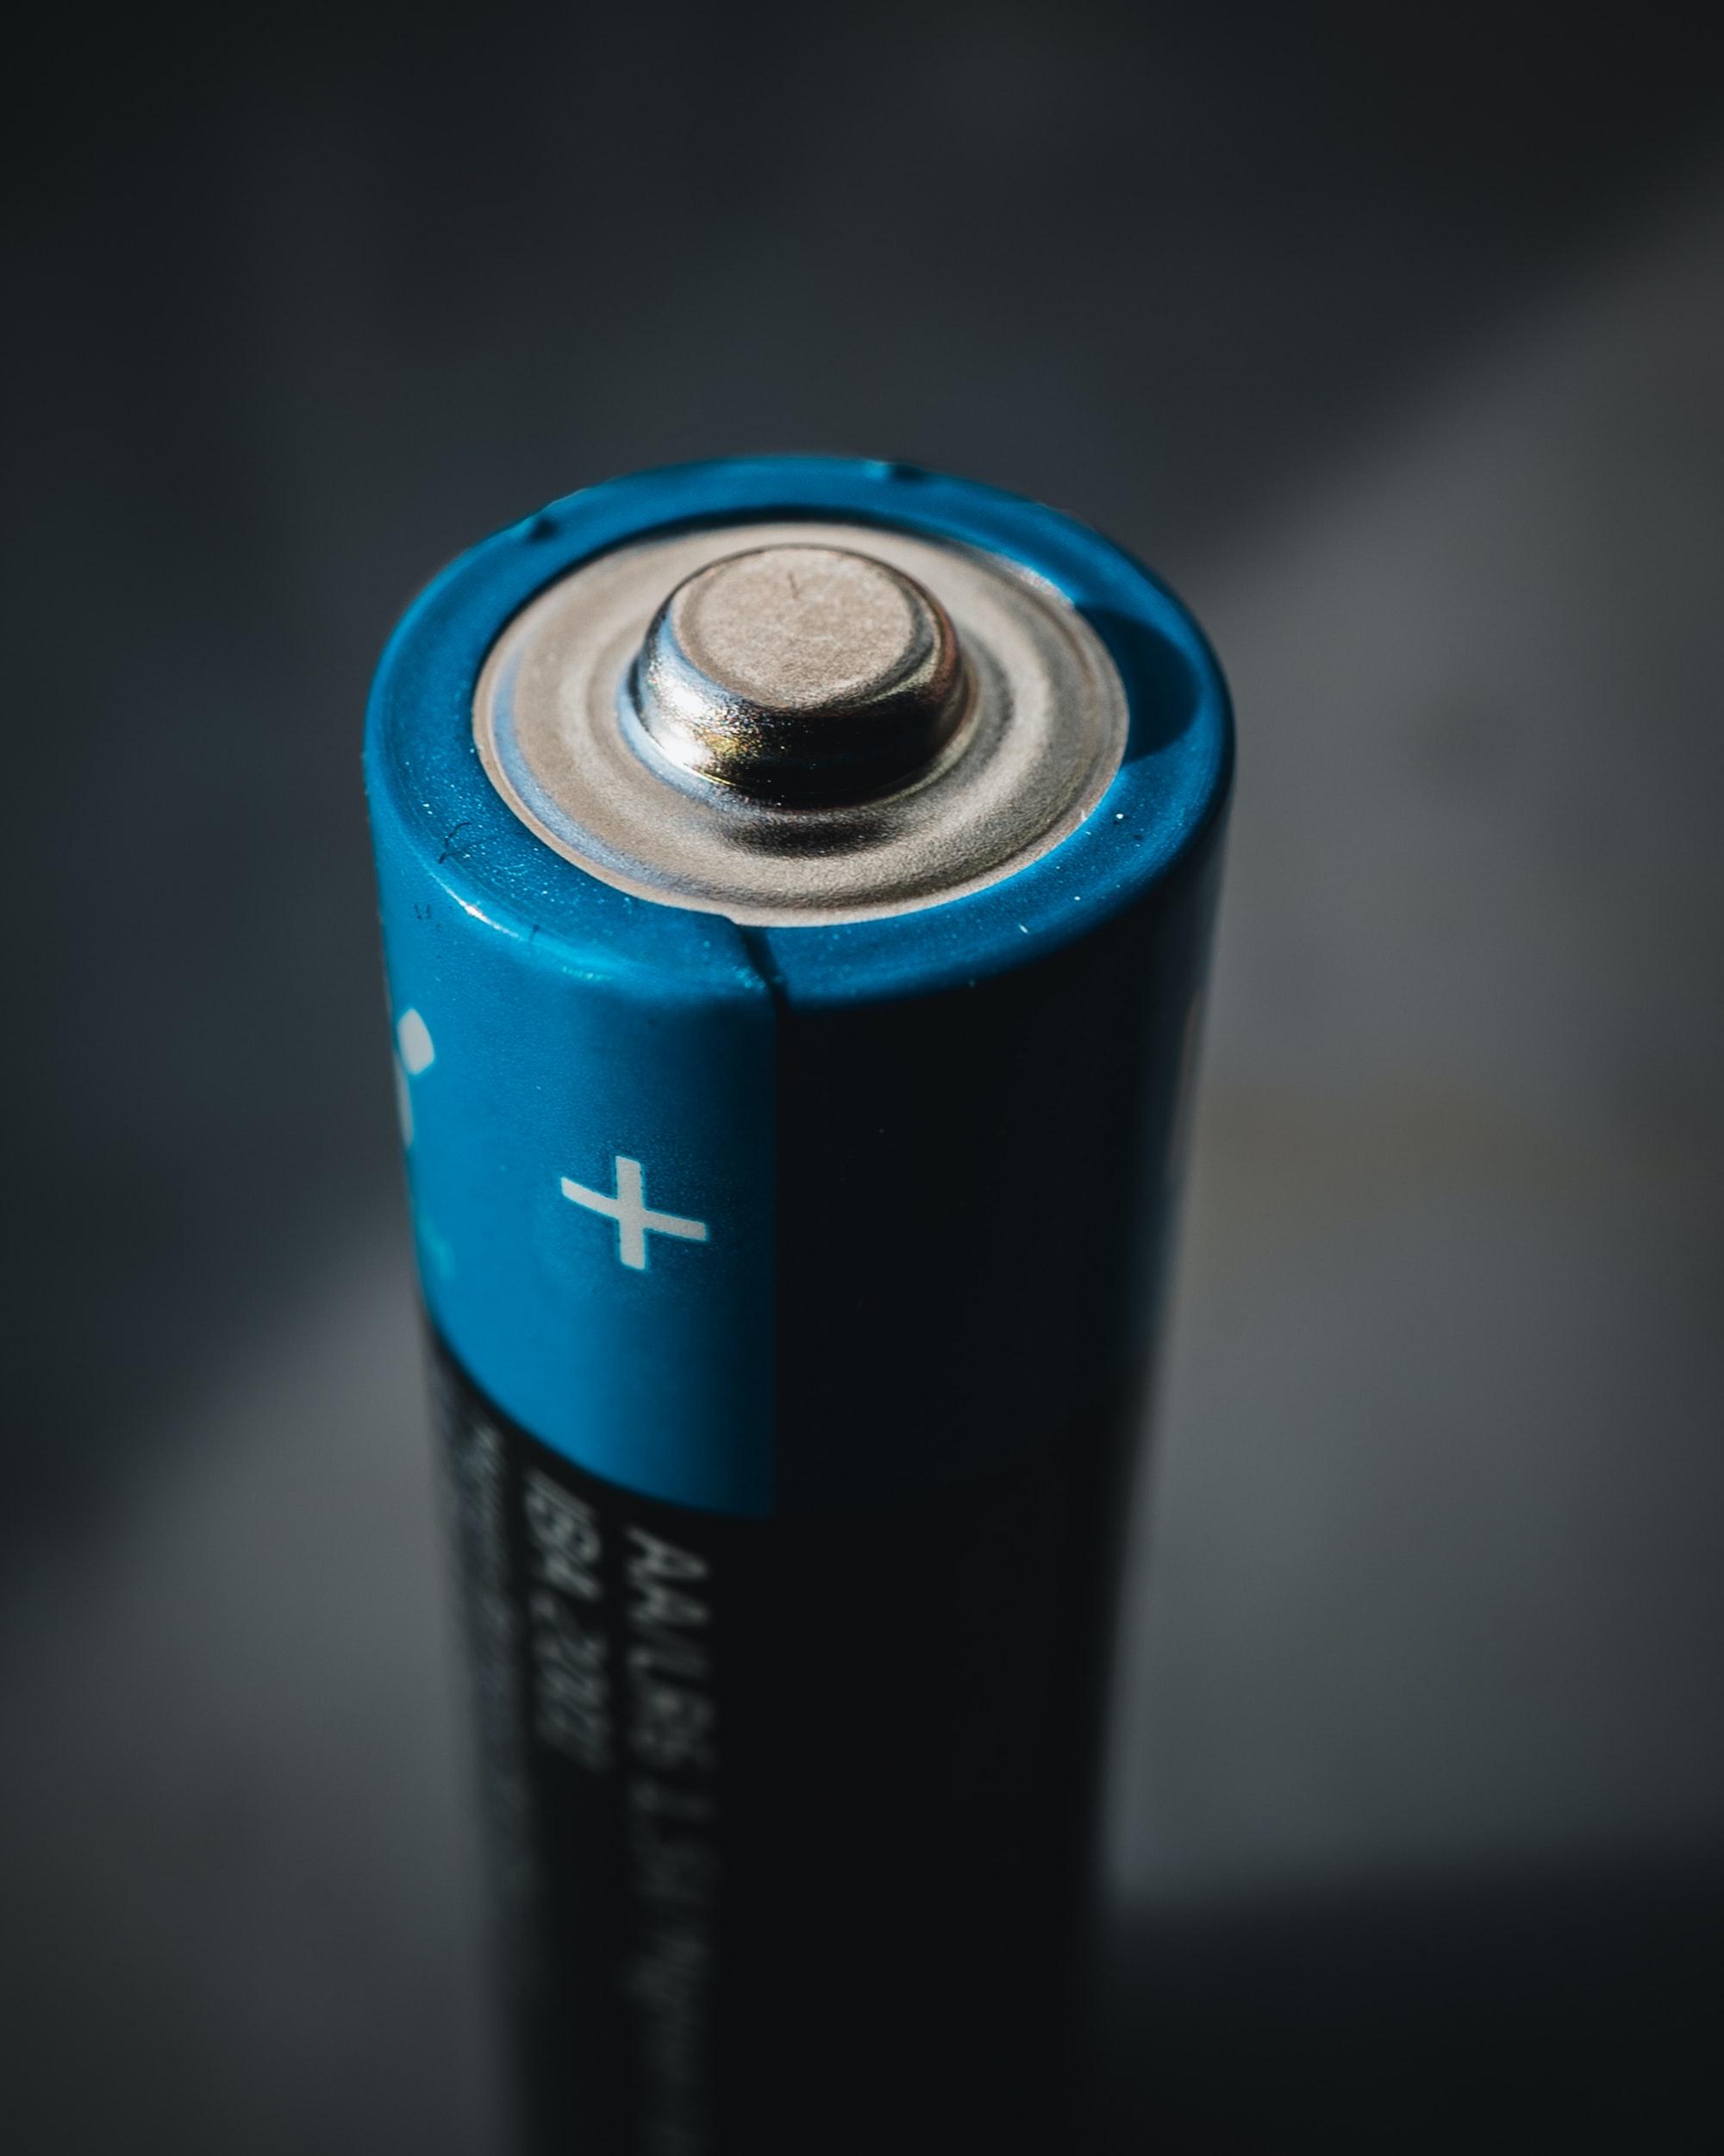 Mer' strøm, Tesla!